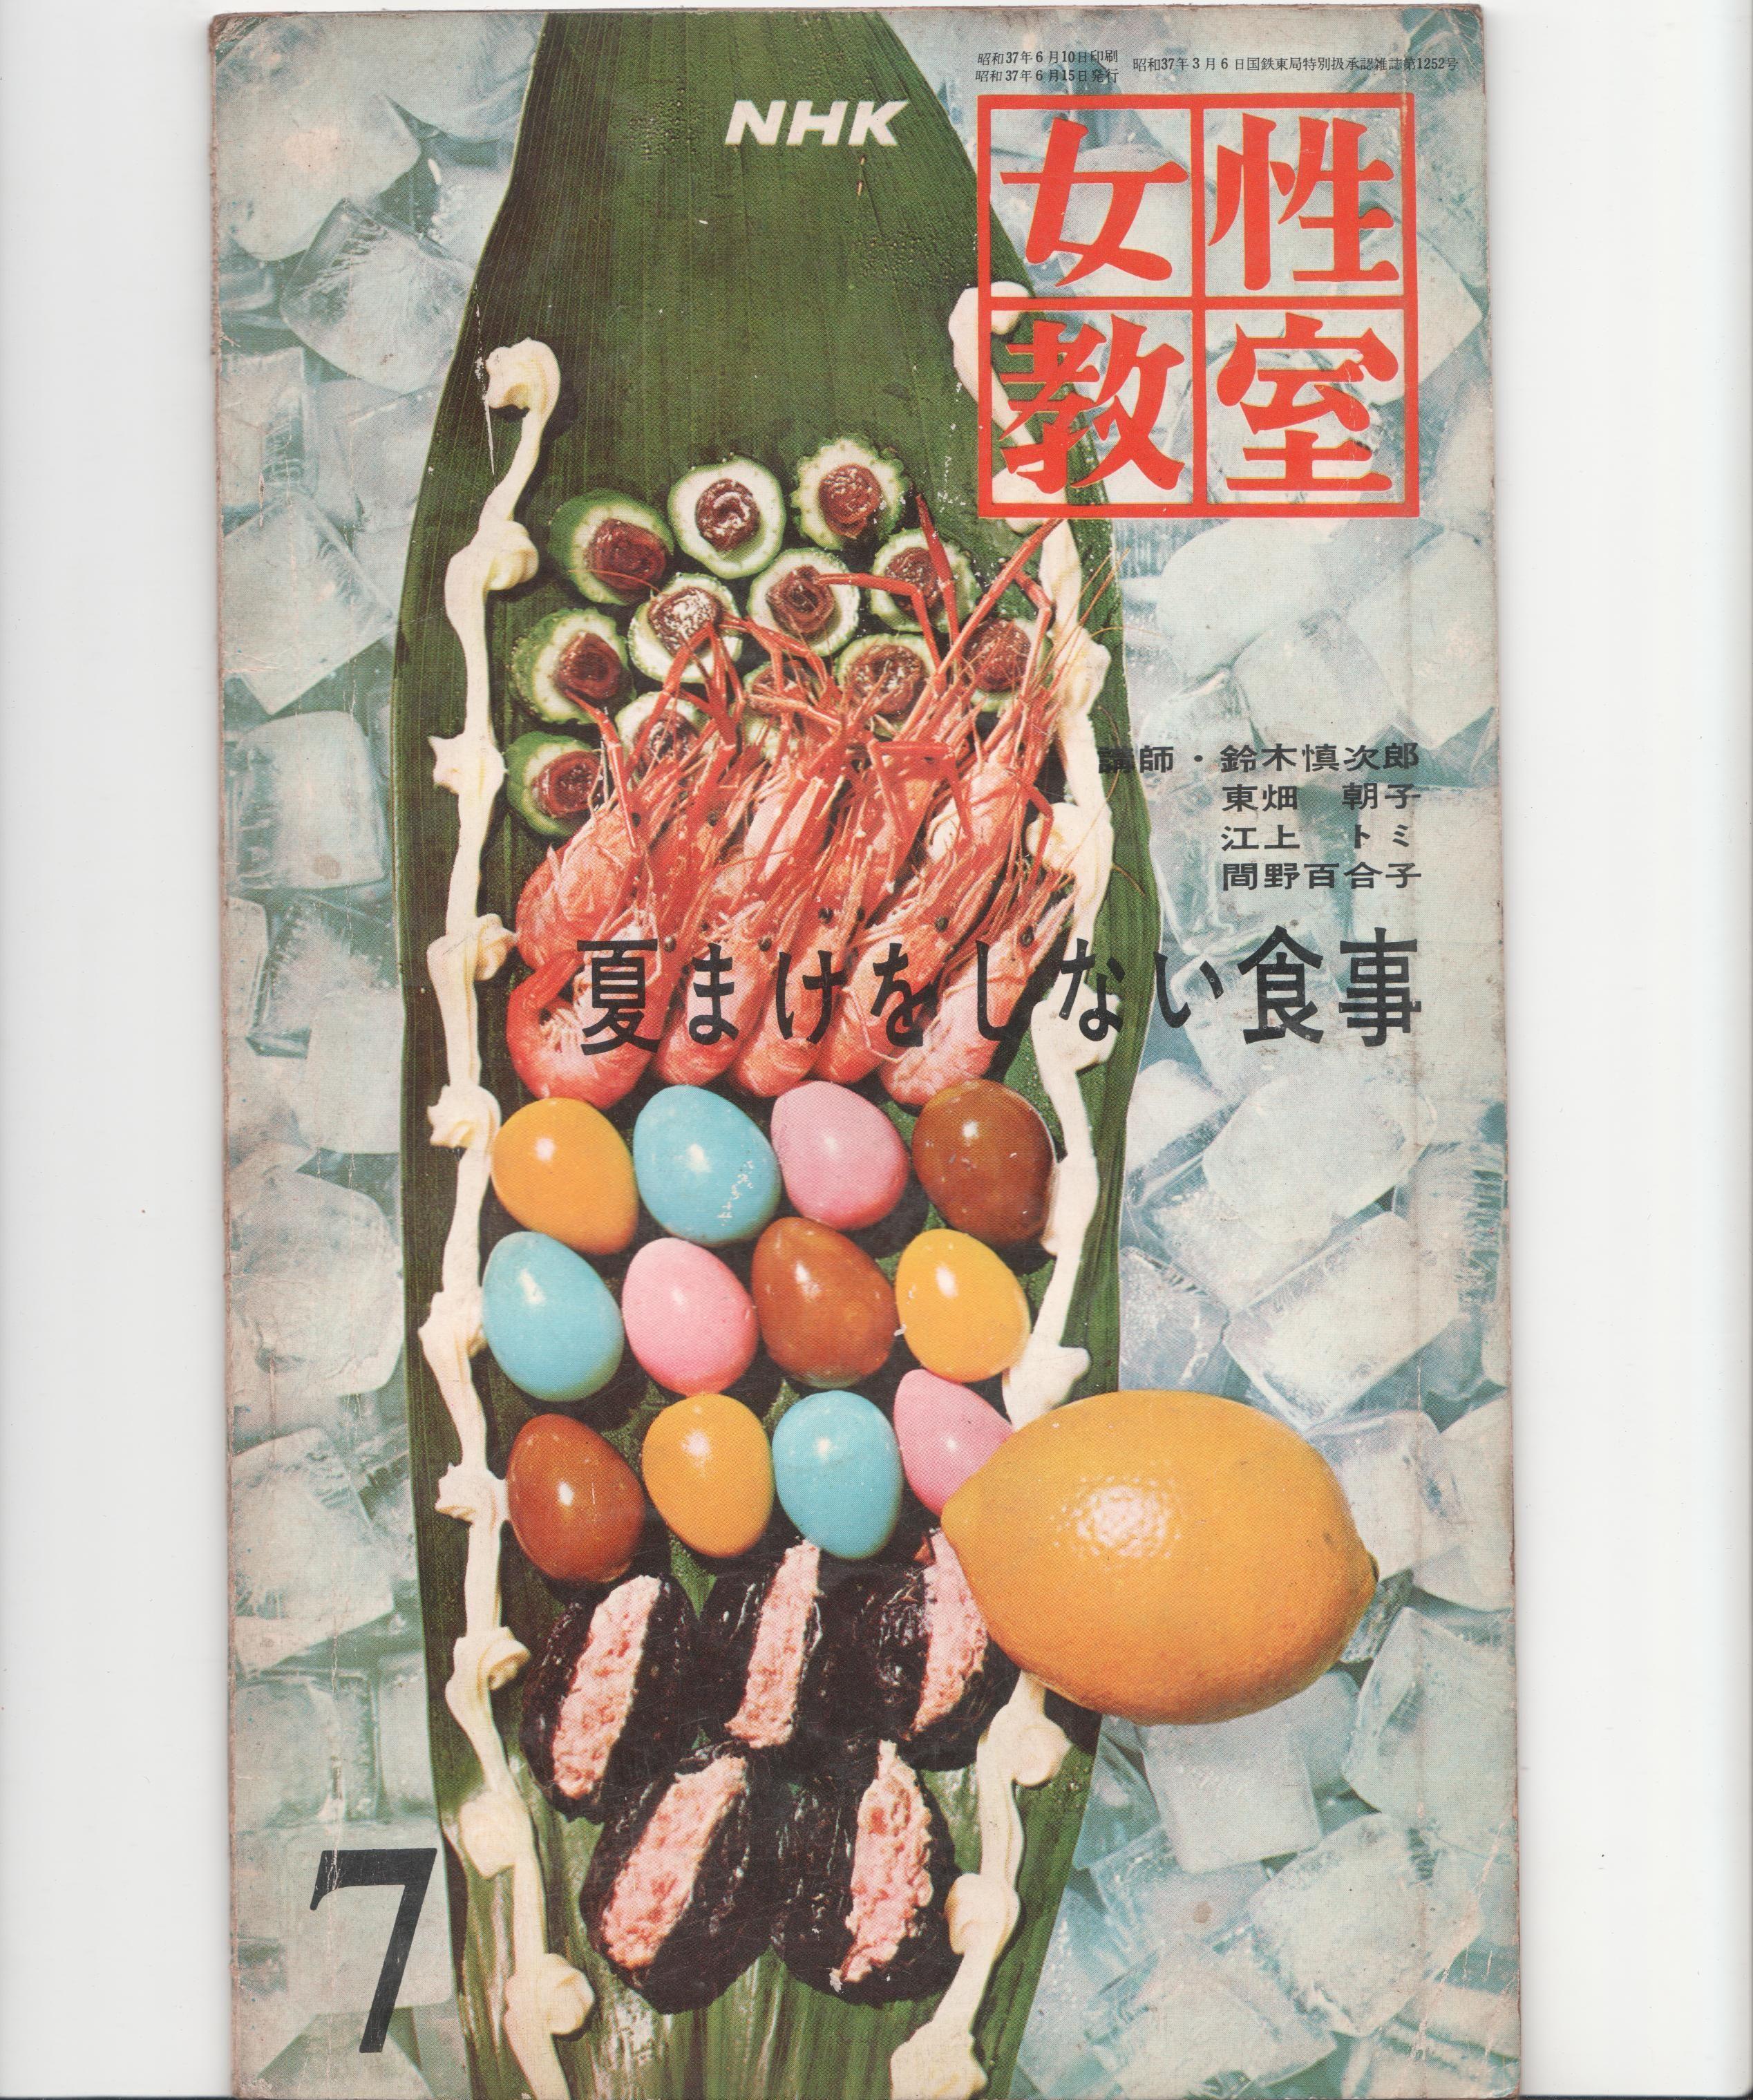 NHK女性教室No.92 1962年7月号 夏まけをしない食事